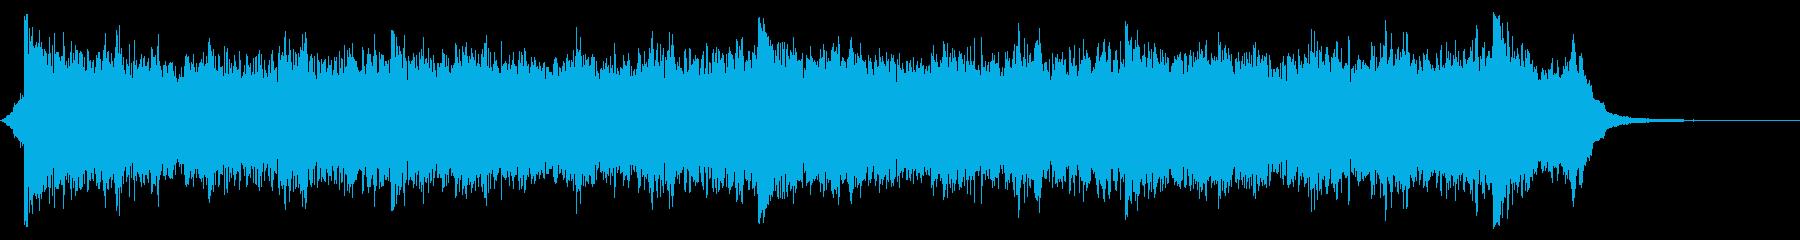 【ショート】前向きなエピックオーケストラの再生済みの波形